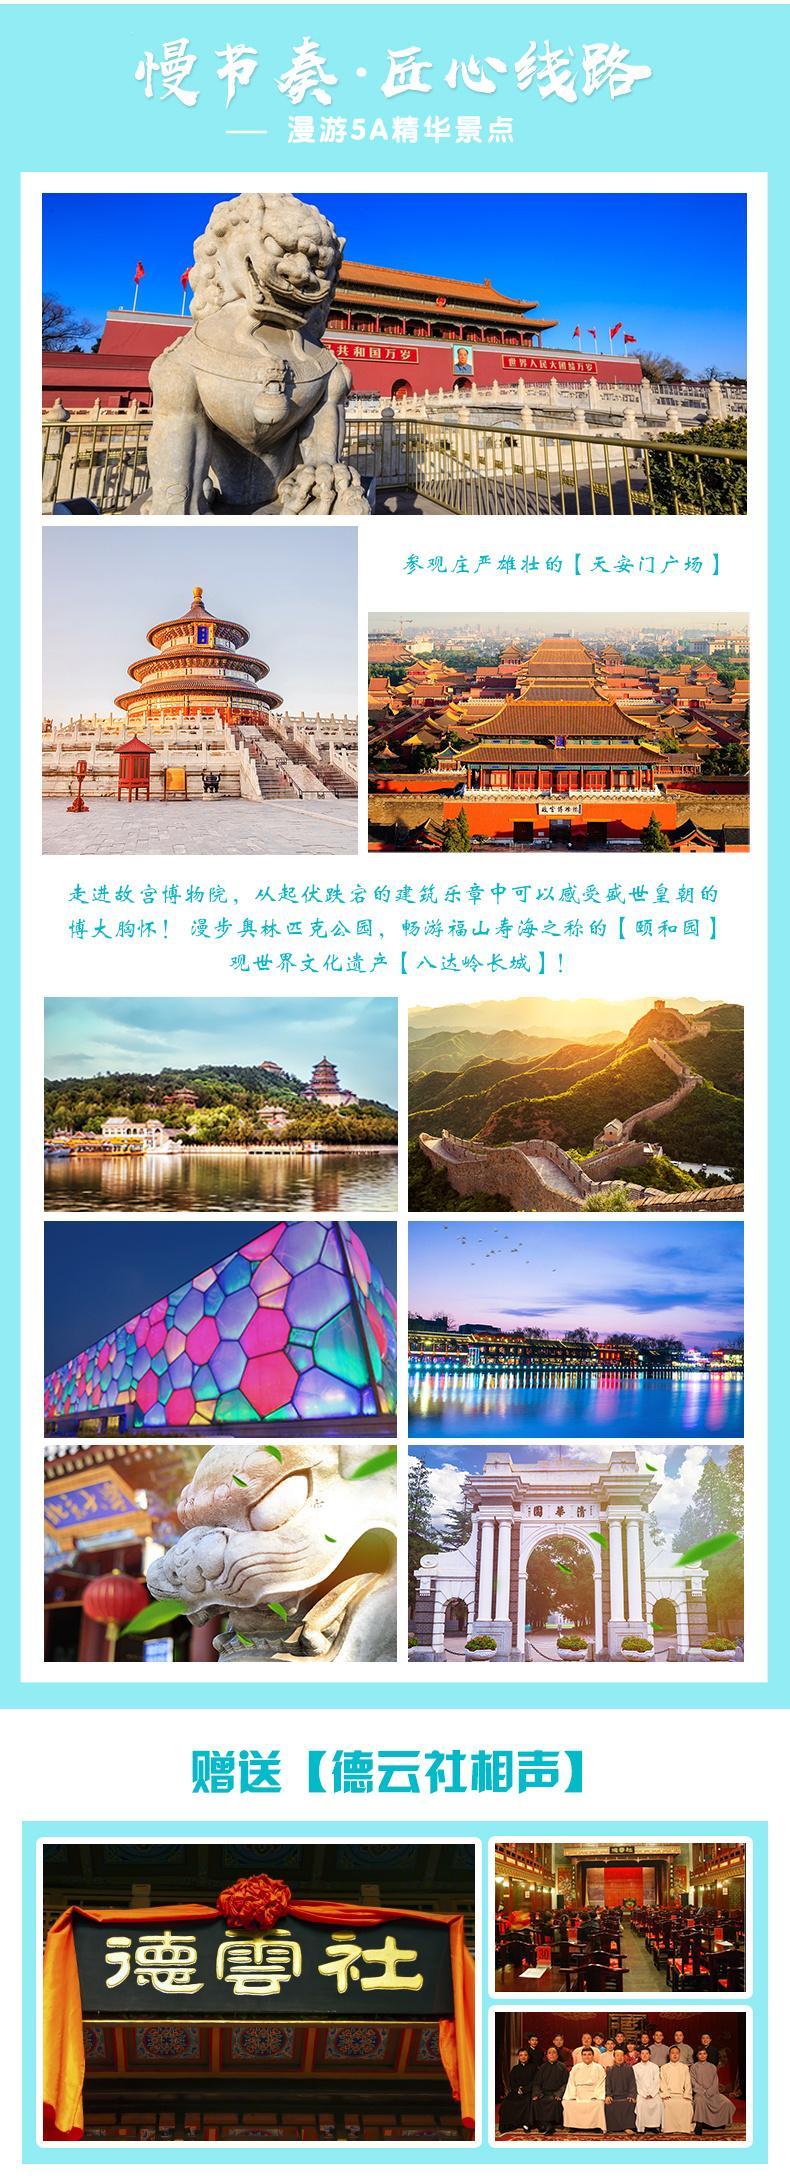 天坛到什刹海、鸟巢、北京奥林匹克公园、北京美食街五店市的图片